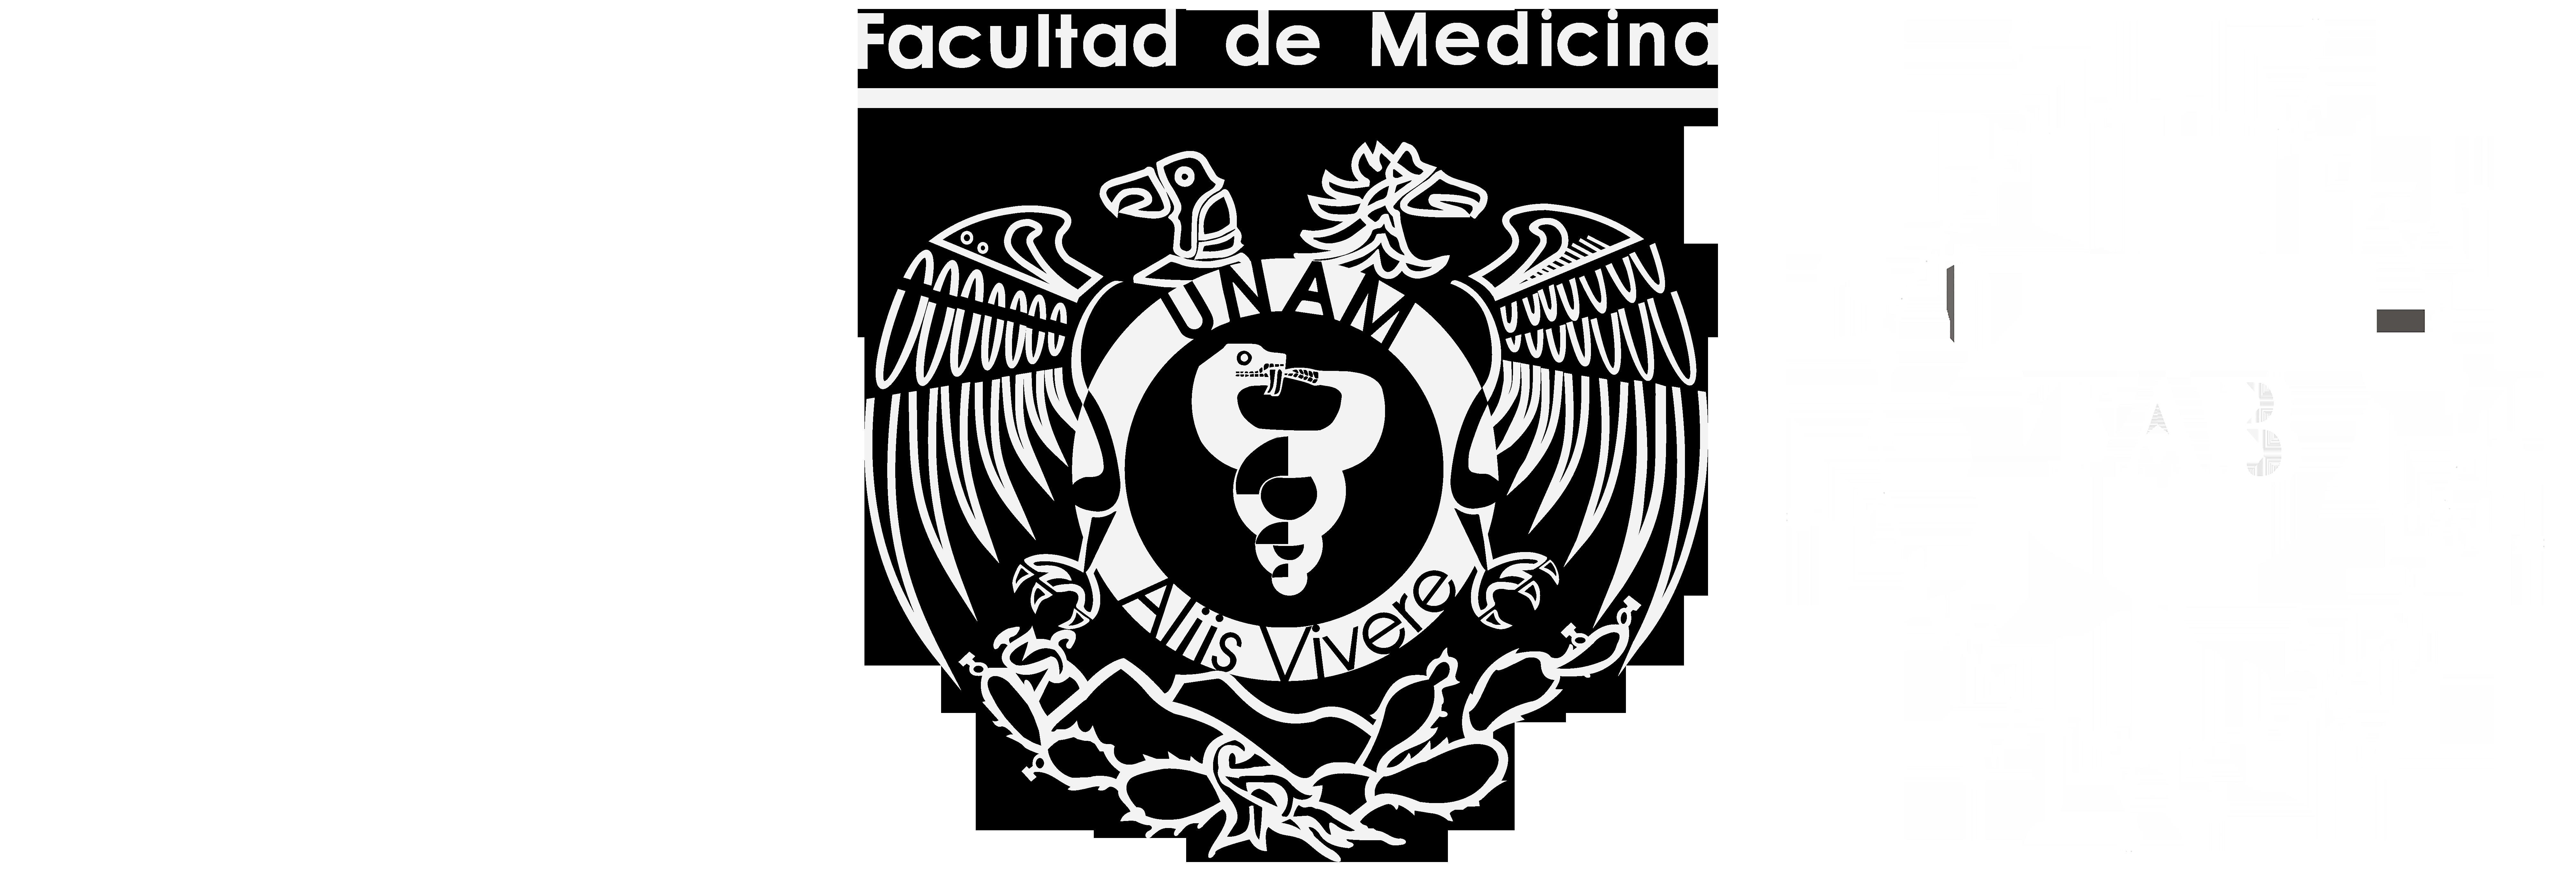 Taller de Actualización Bioquímica, Facultad de Medicina, UNAM